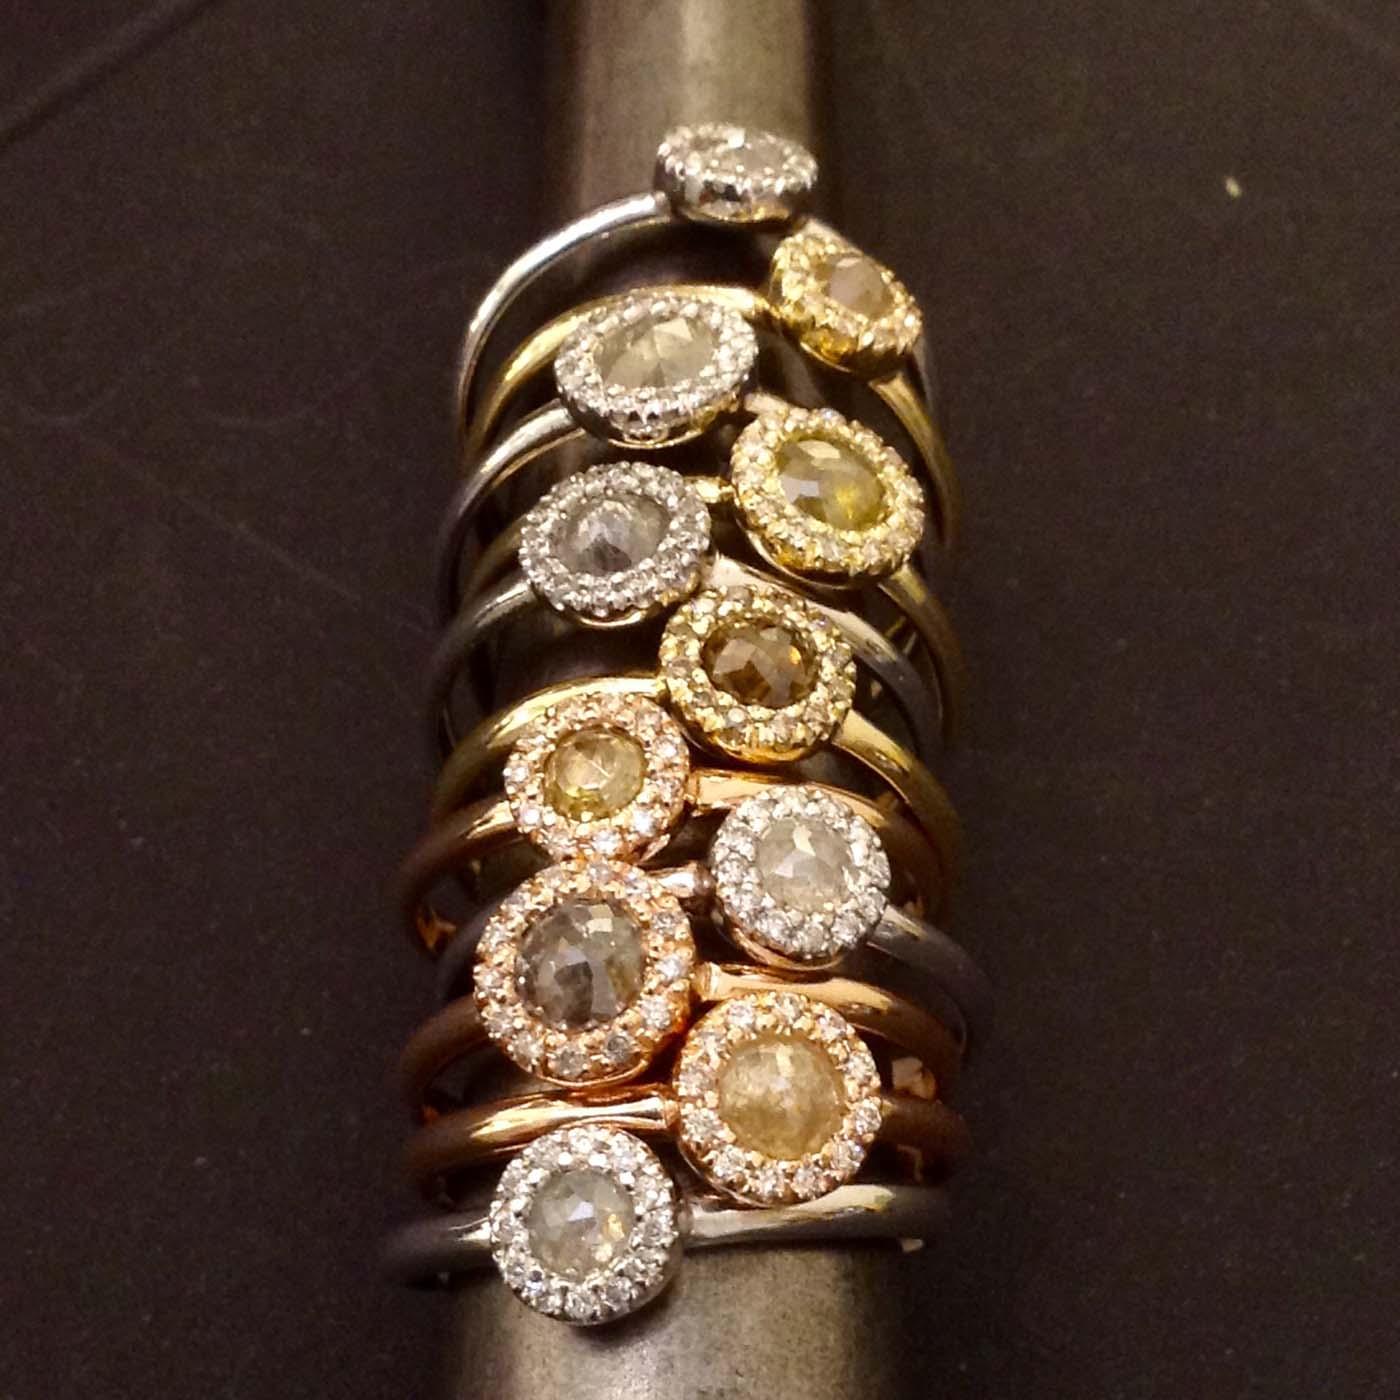 Anelli con rosette di diamanti e contorno di diamanti taglio a brillante